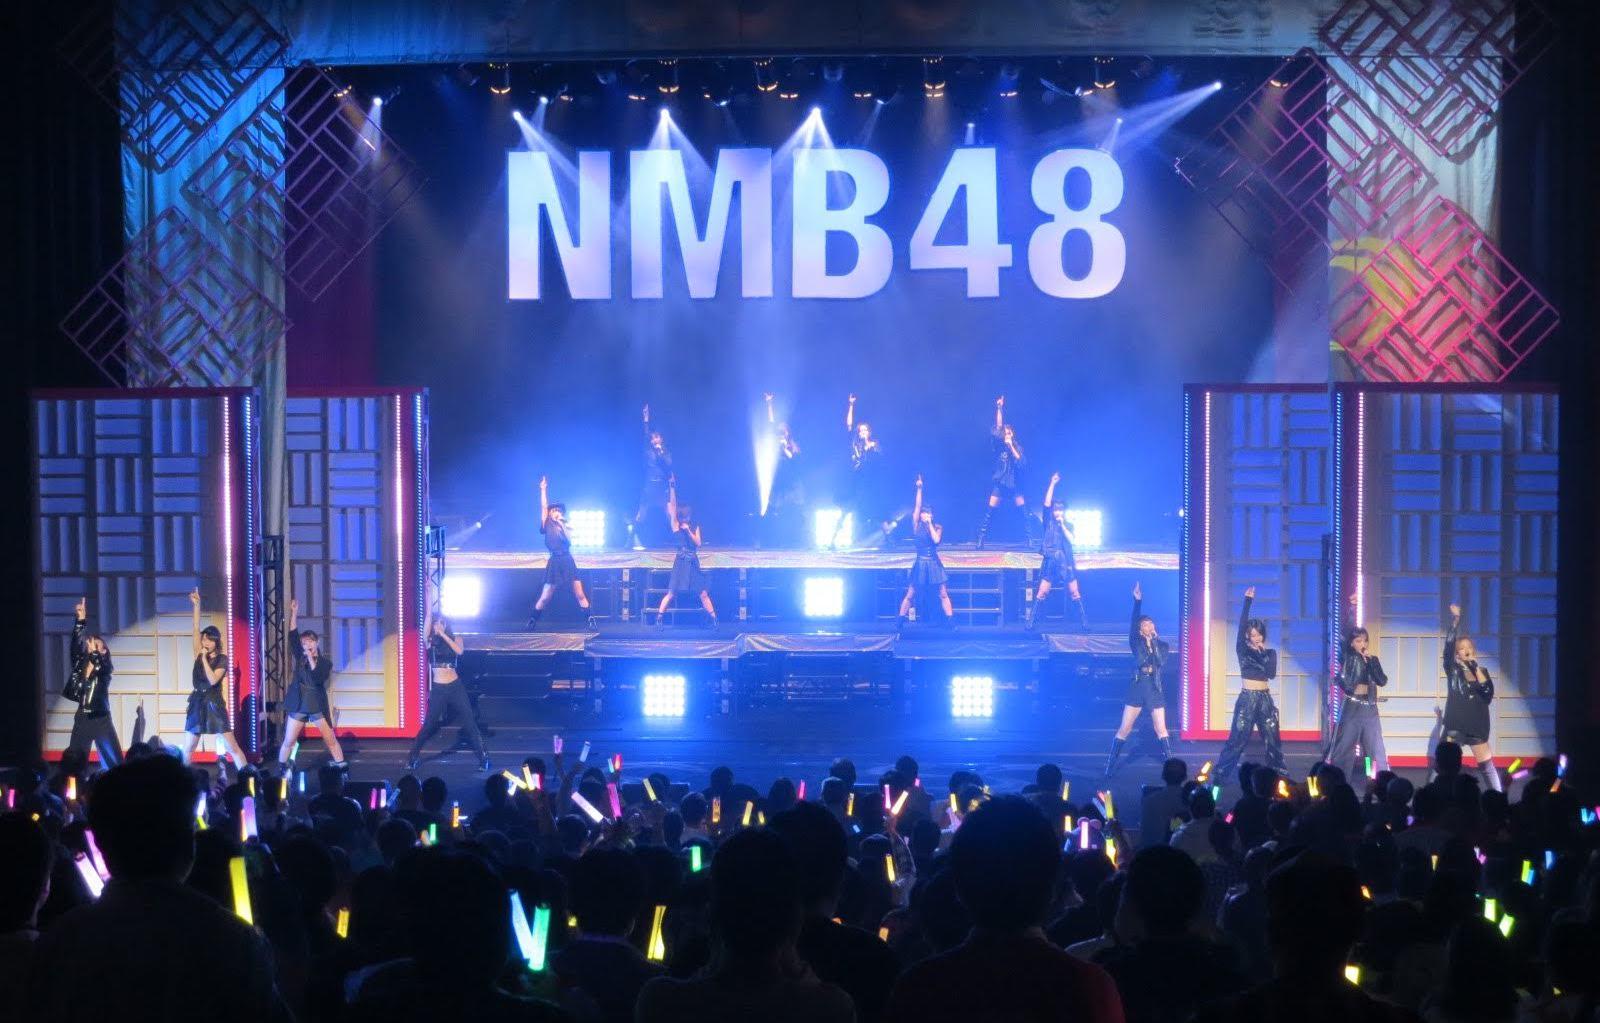 【NMB48】近畿十番勝負2019 チームN・柏原市民文化会館リビエールホールのセットリストと画像など。